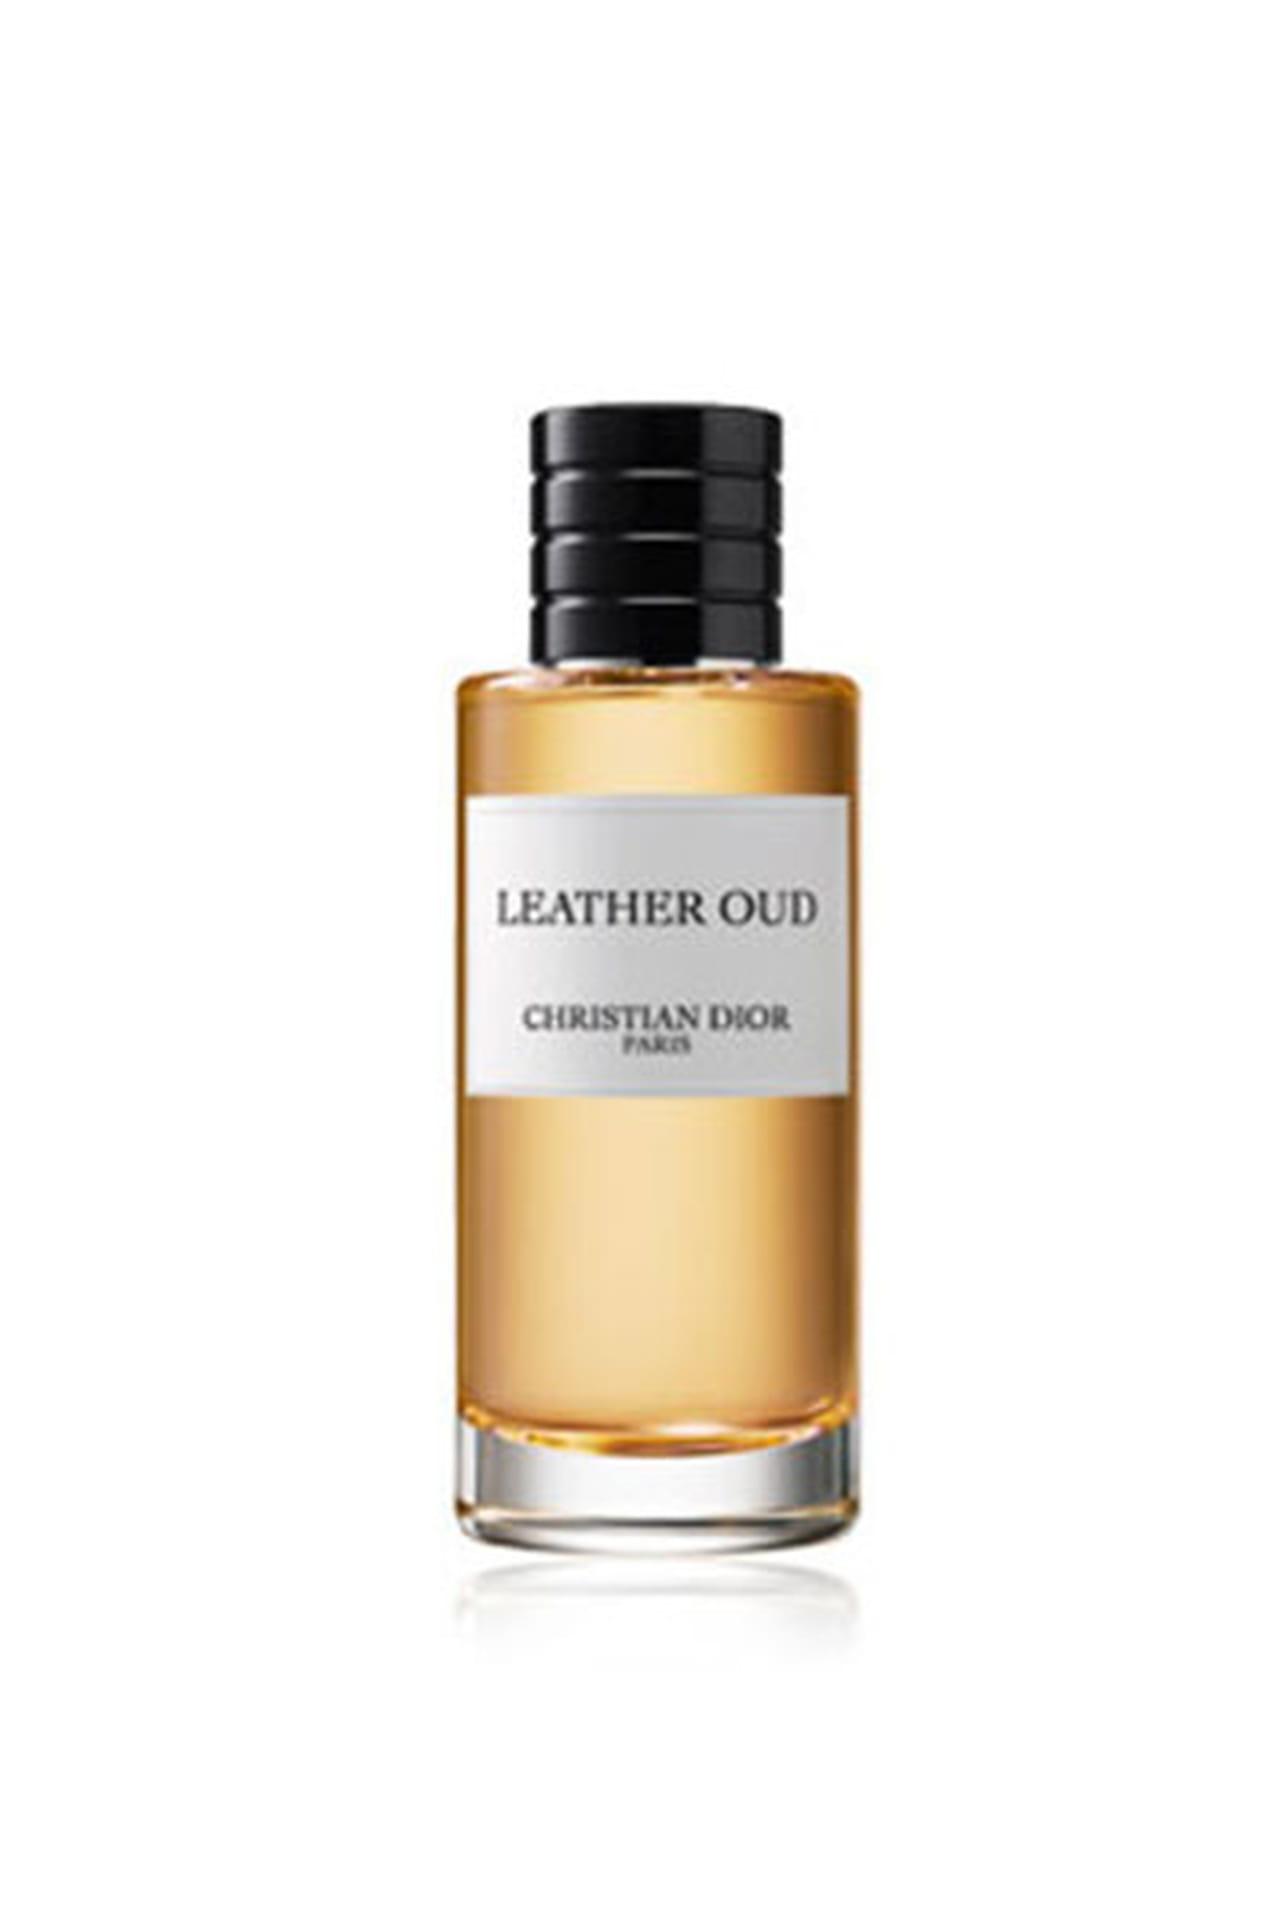 fb9806bd8 Christian Dior يقدم عطر الرجل المميز Leather Oud عطر يقدمه لك المبتكر  Francois Demachy برائحة خشب العود الأندونيسي المفعمة بالرجولة مع لمسة من  القرنفل، ...